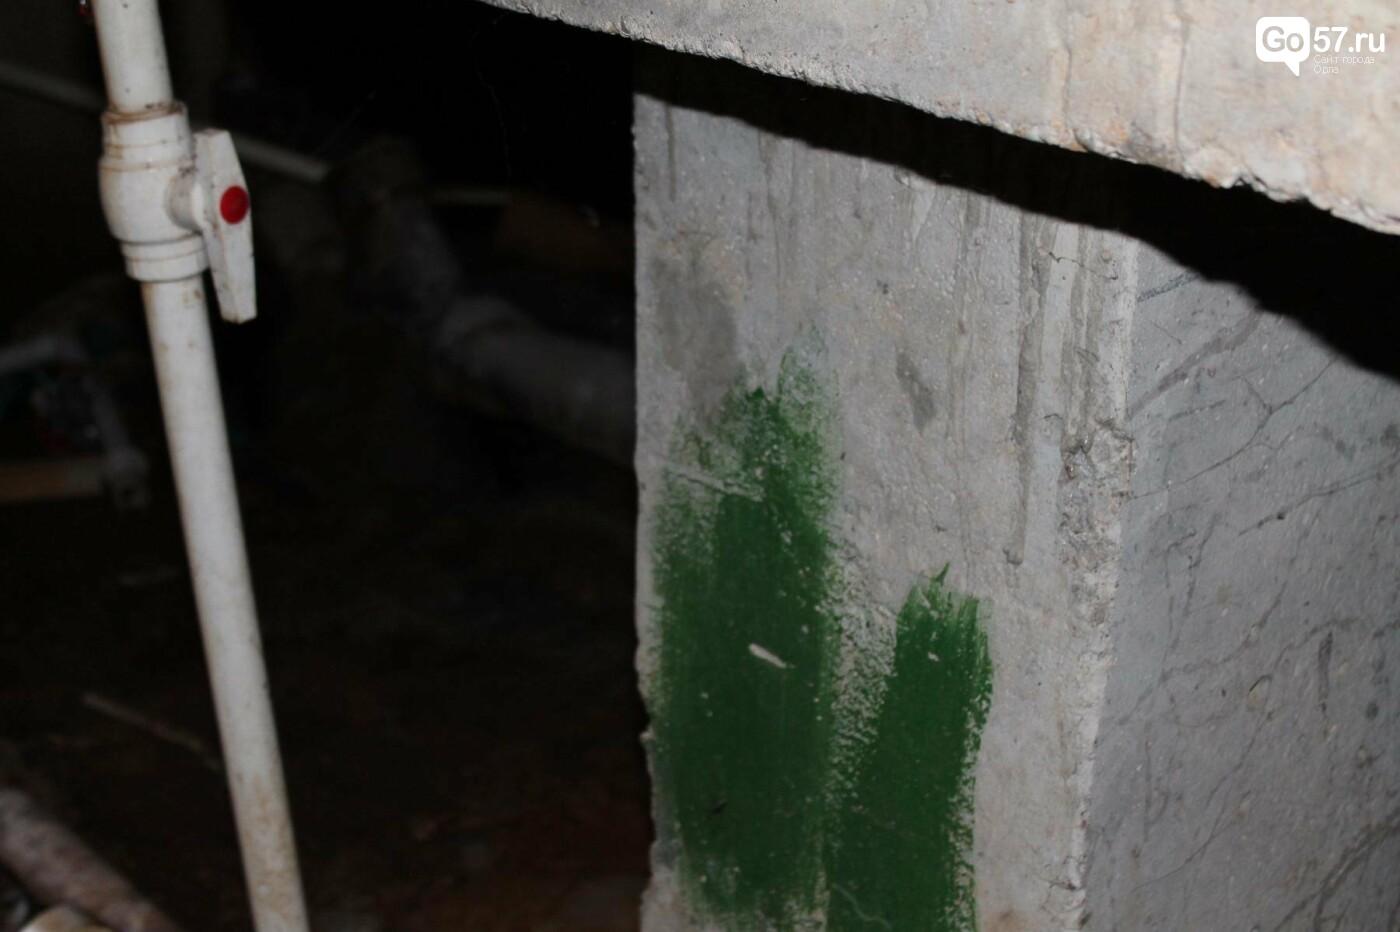 Трубы горят: как орловцы живут с протекающим водопроводом в подвале, фото-6